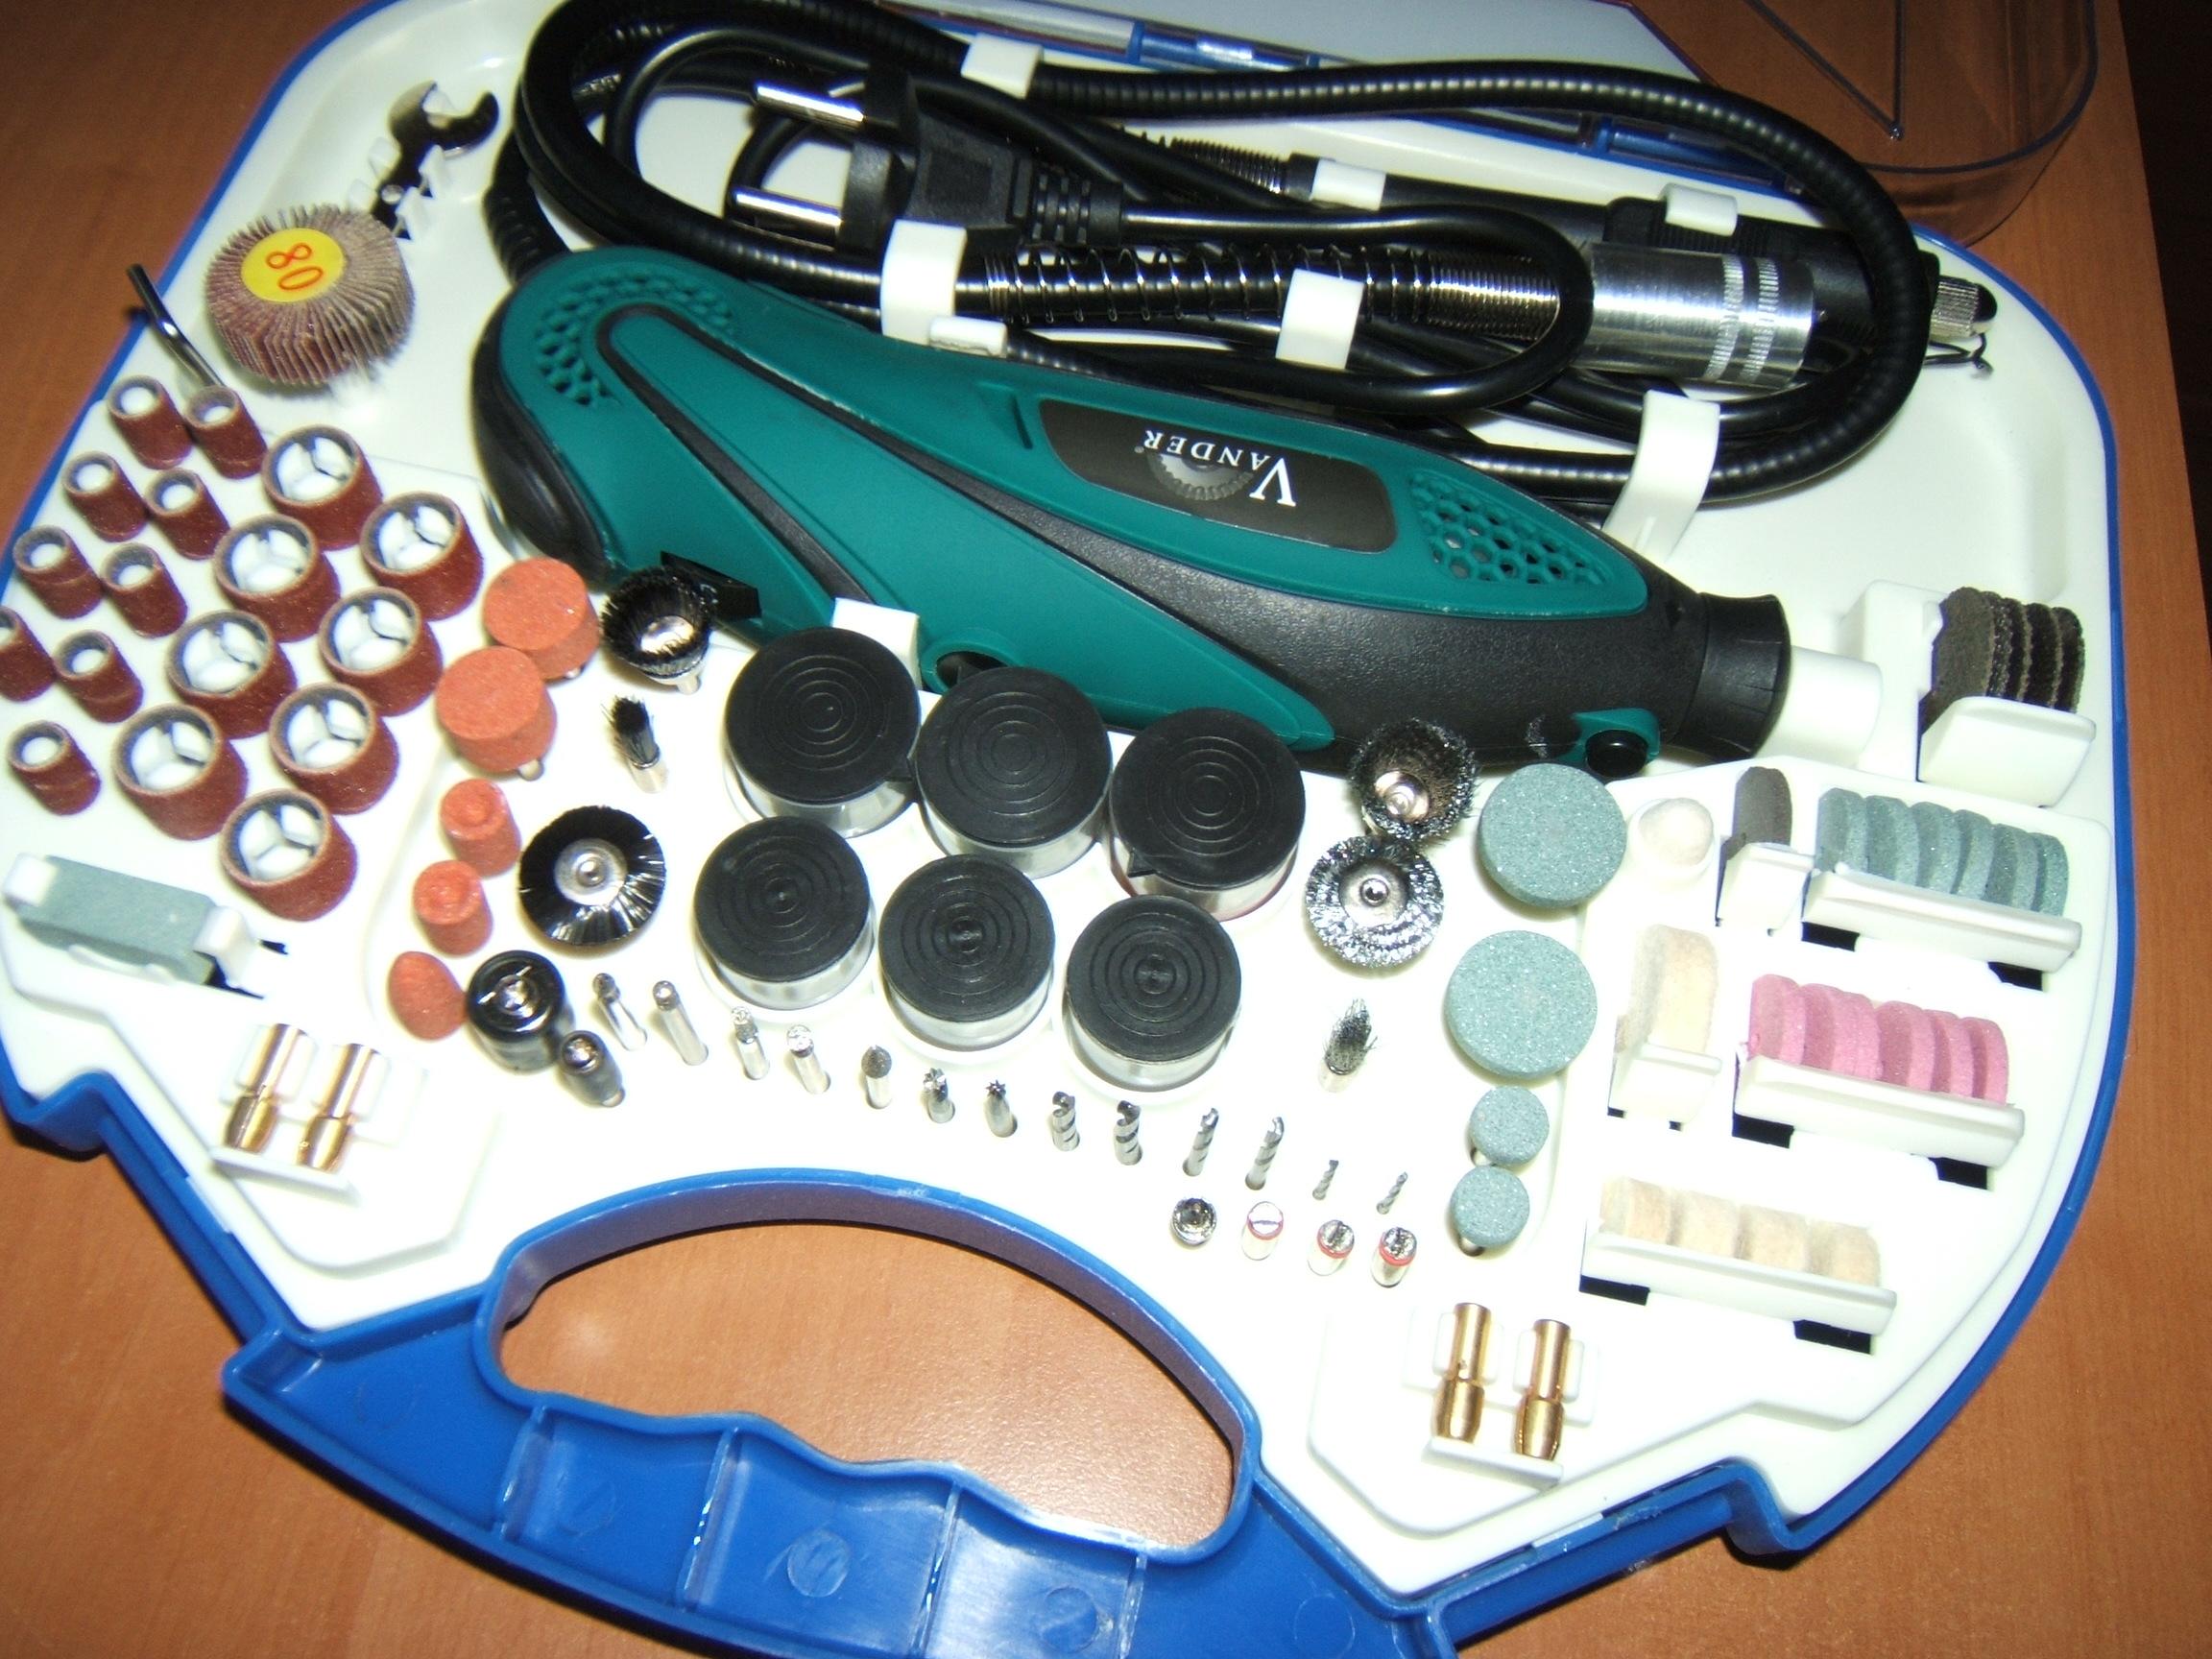 obrazki.elektroda.pl/5631755000_1403075300.jpg